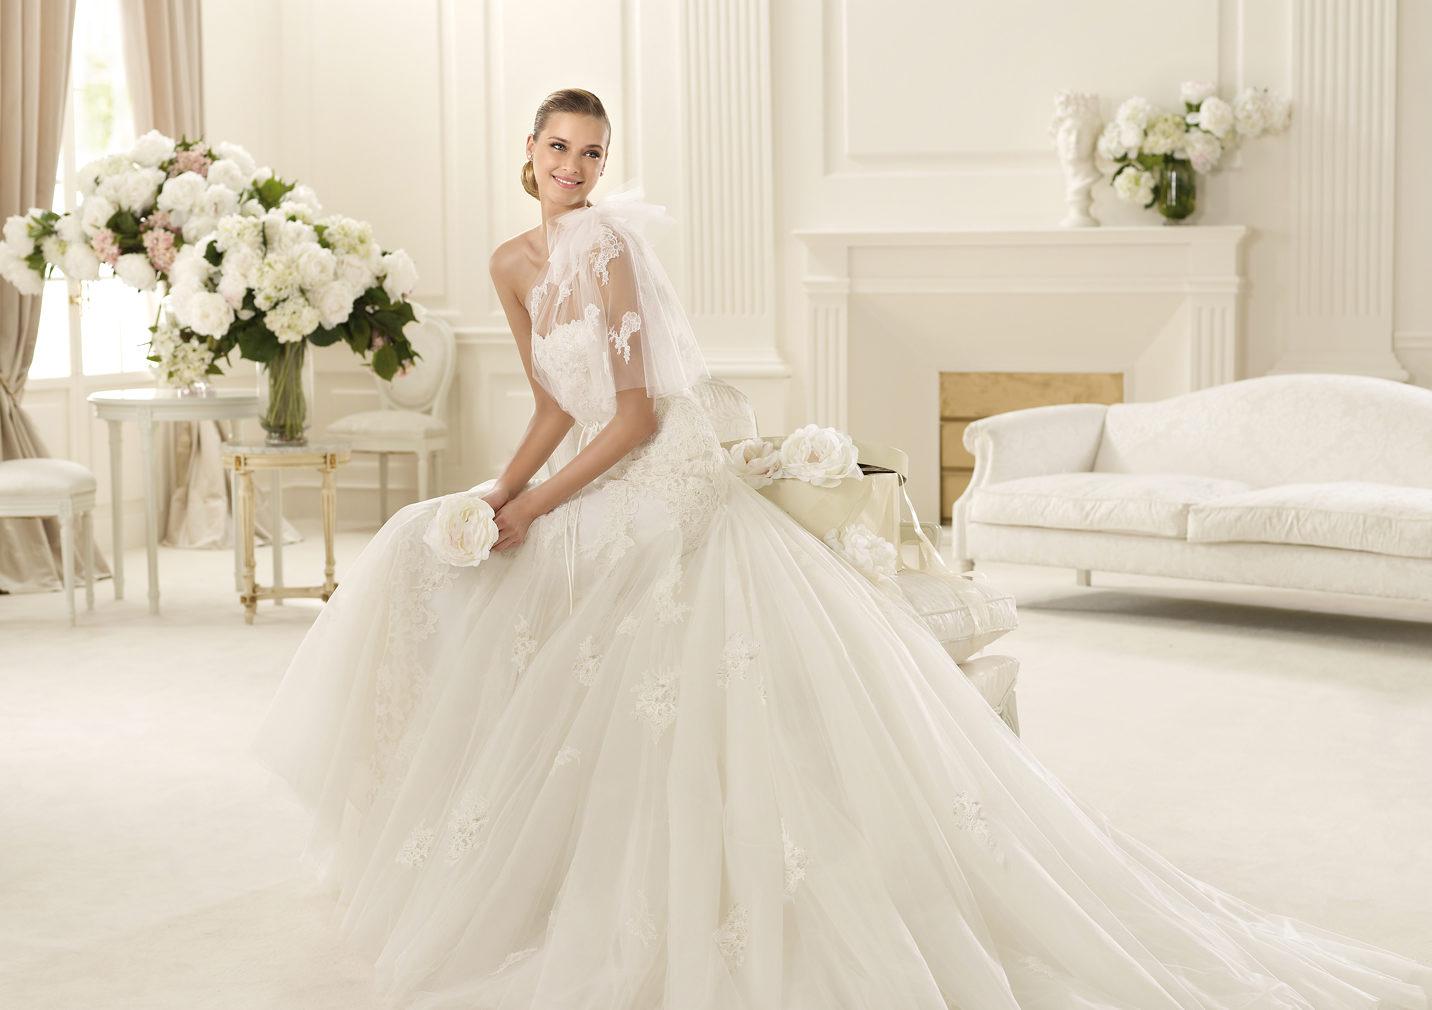 GAMBOA_A Свадебные платья от дизайнера Manuel Mota